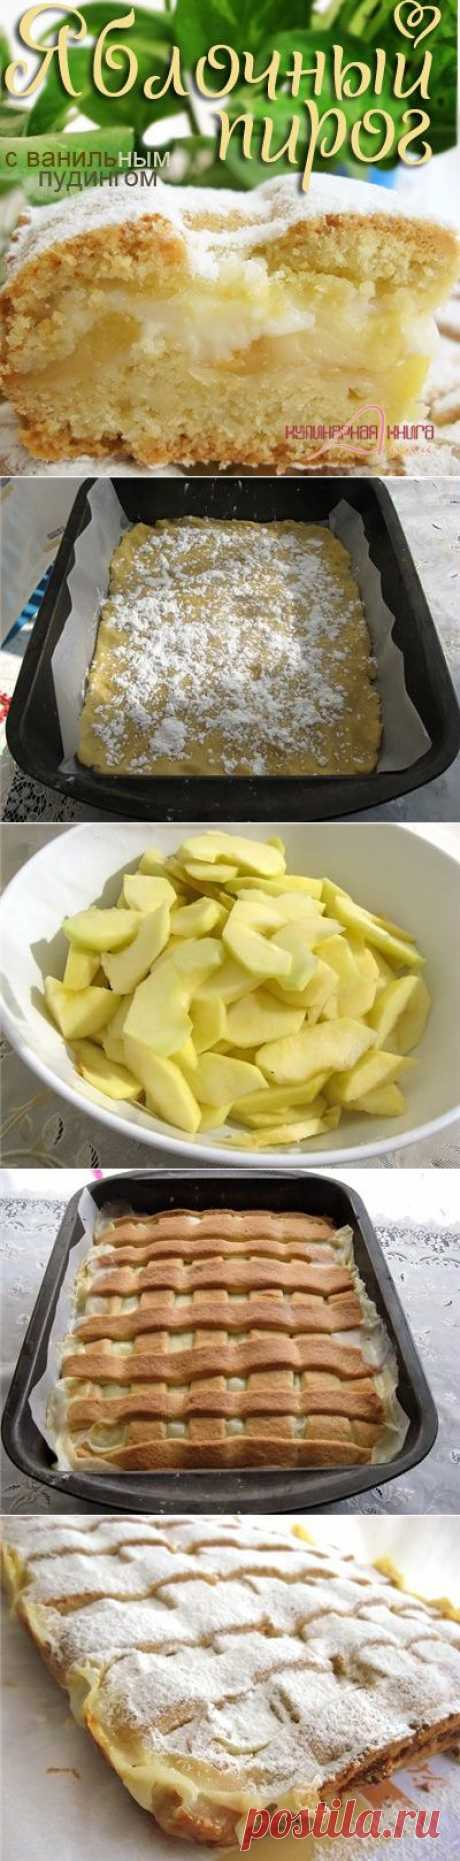 Яблочный пирог с ванильным пудингом.